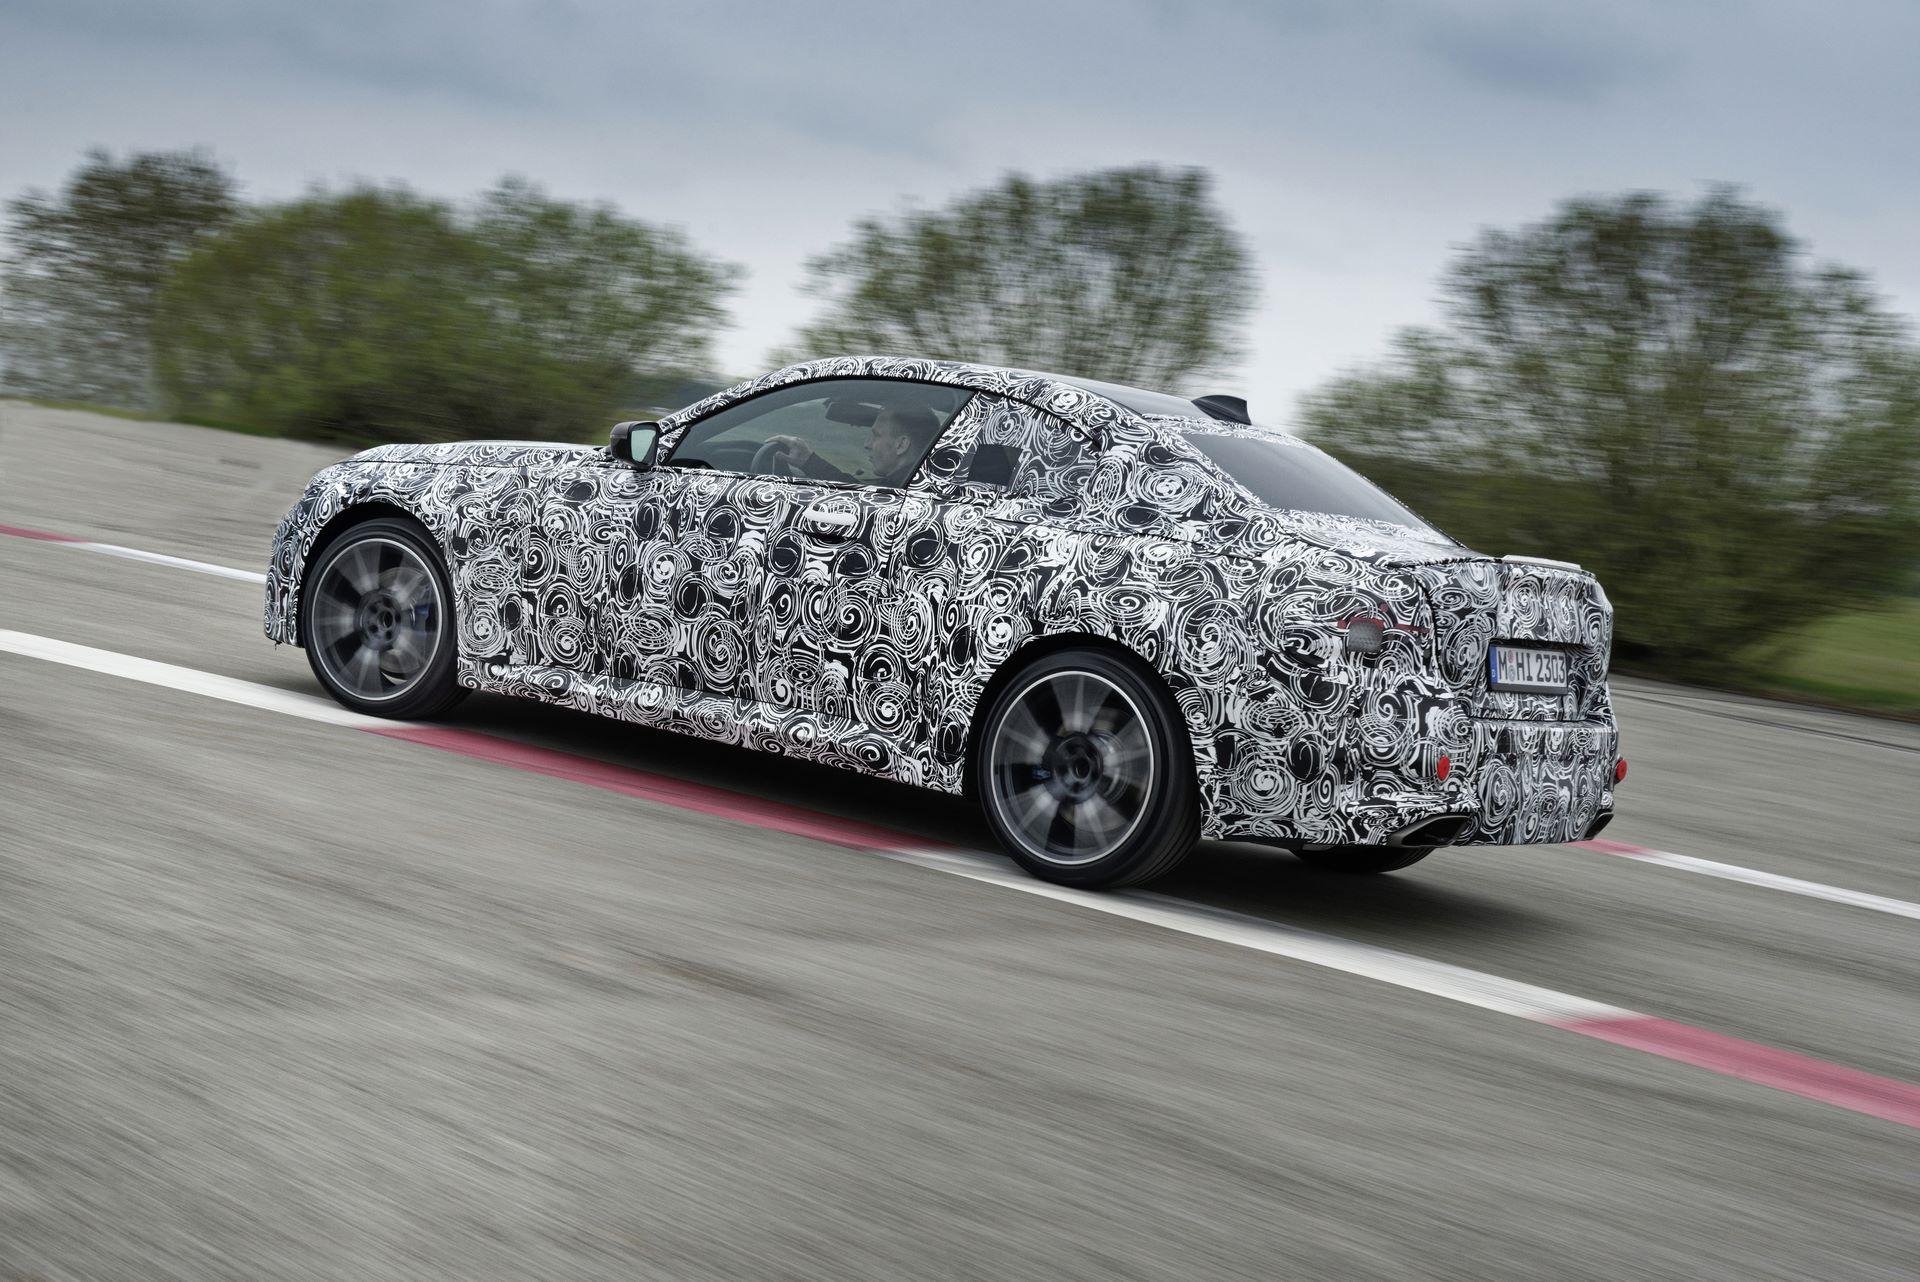 BMW-2-Series-M240i-spy-photos-89